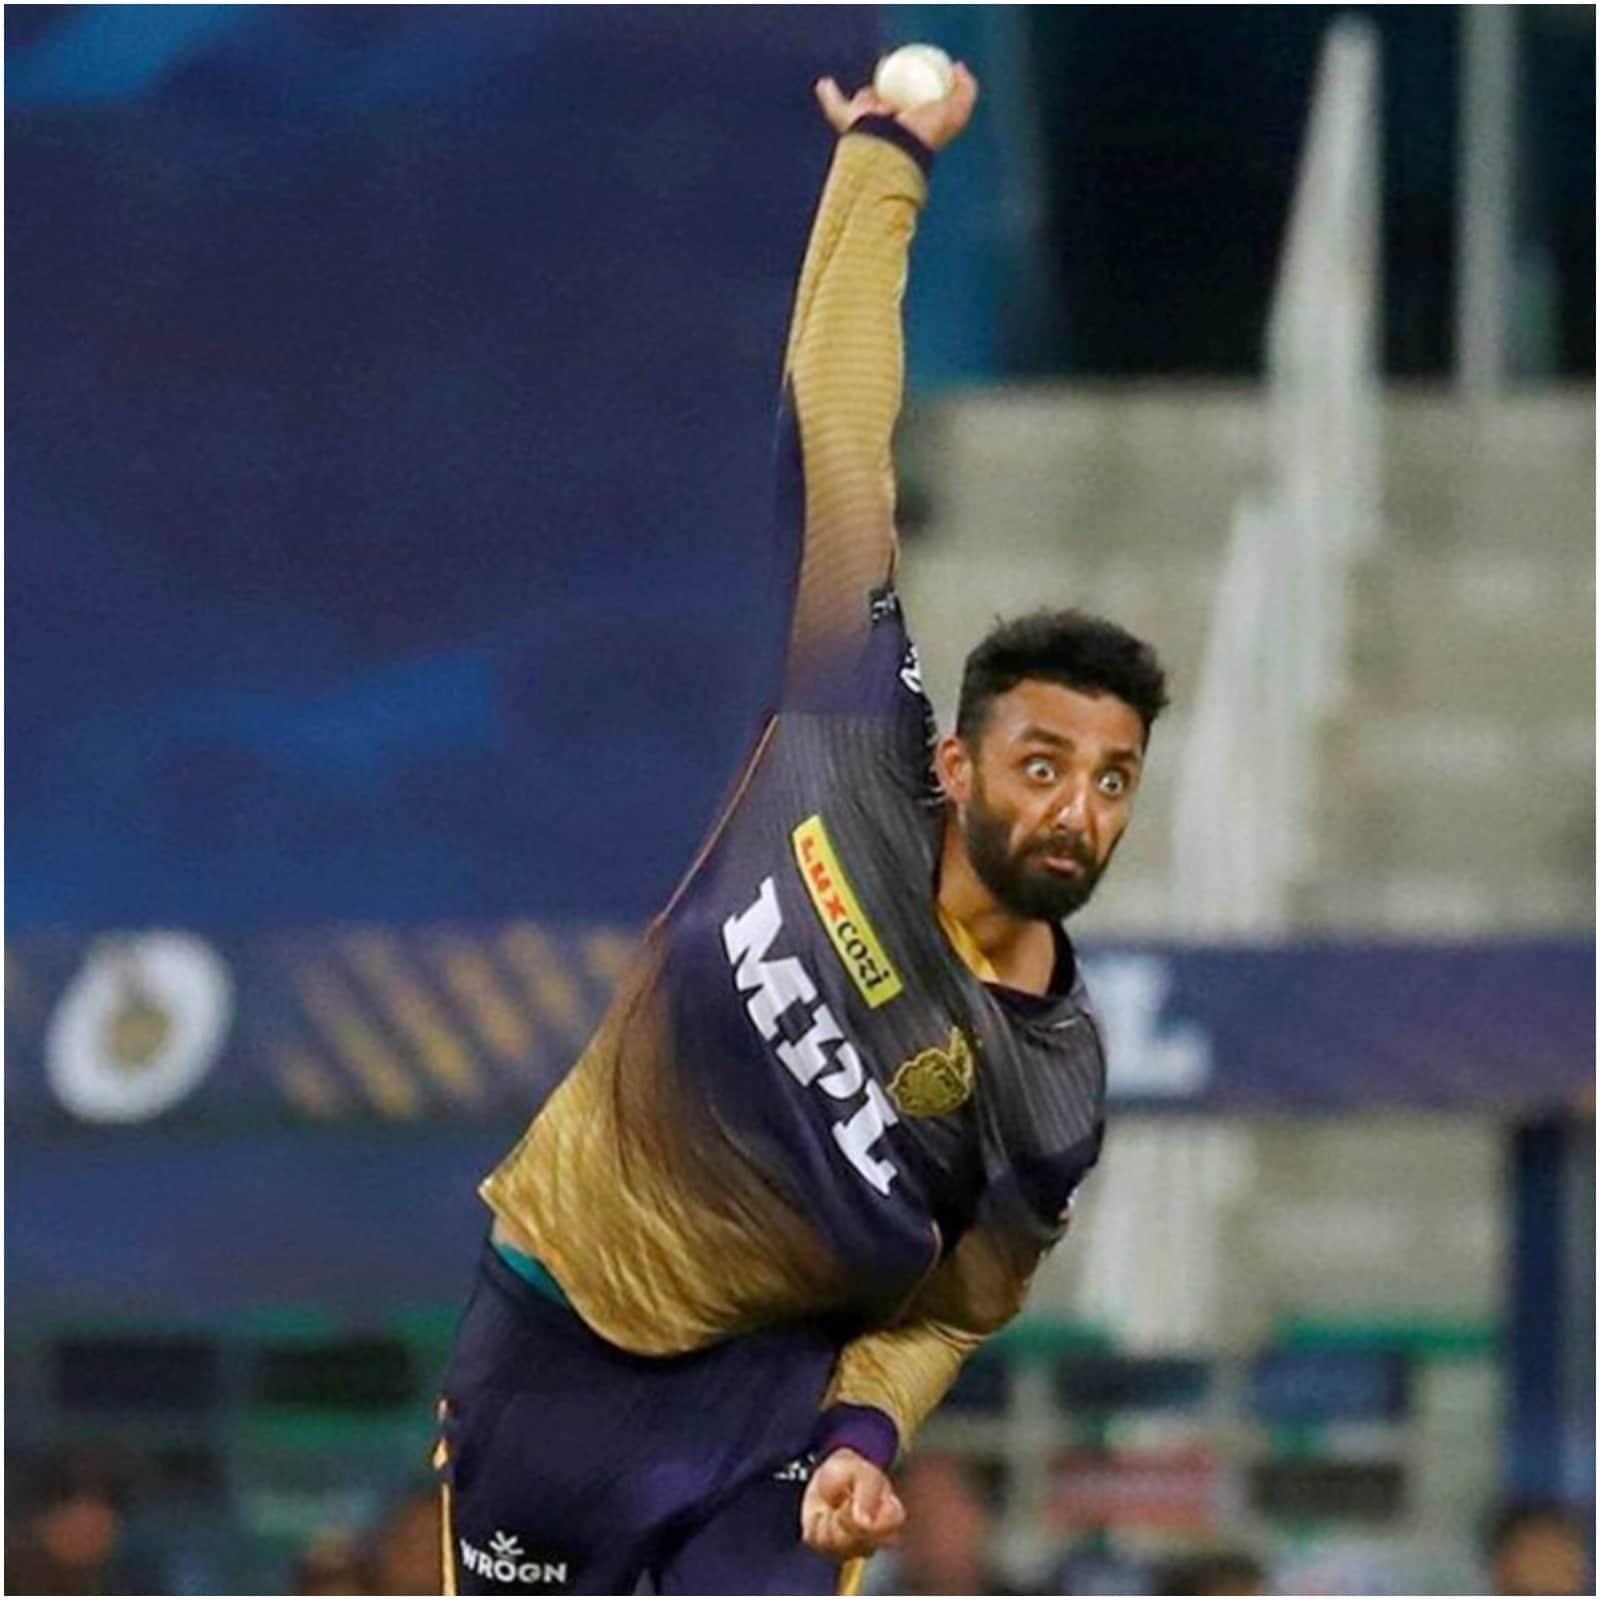 केकेआर के लेग स्पिनर वरुण चक्रवर्ती ने 15 मैचों में अब तक 60 ओवर गेंदबाजी की है. उनके खिलाफ रन बनाना किसी भी टीम के लिए आसान नहीं रहा है. उन्होंने सिर्फ 6.40 की इकोनॉमी से रन दिए हैं. इसके अलावा 16 विकेट भी लिए हैं. टीम के एक अन्य स्पिनर सुनील नरेन ने 6.41 की इकोनॉमी से रन दिए हैं और 14 विकेट लिए हैं. एलिमिनेटर मुकाबले में उन्होंने आरसीबी के खिलाफ 4 बड़े विकेट झटके थे. (PTI)